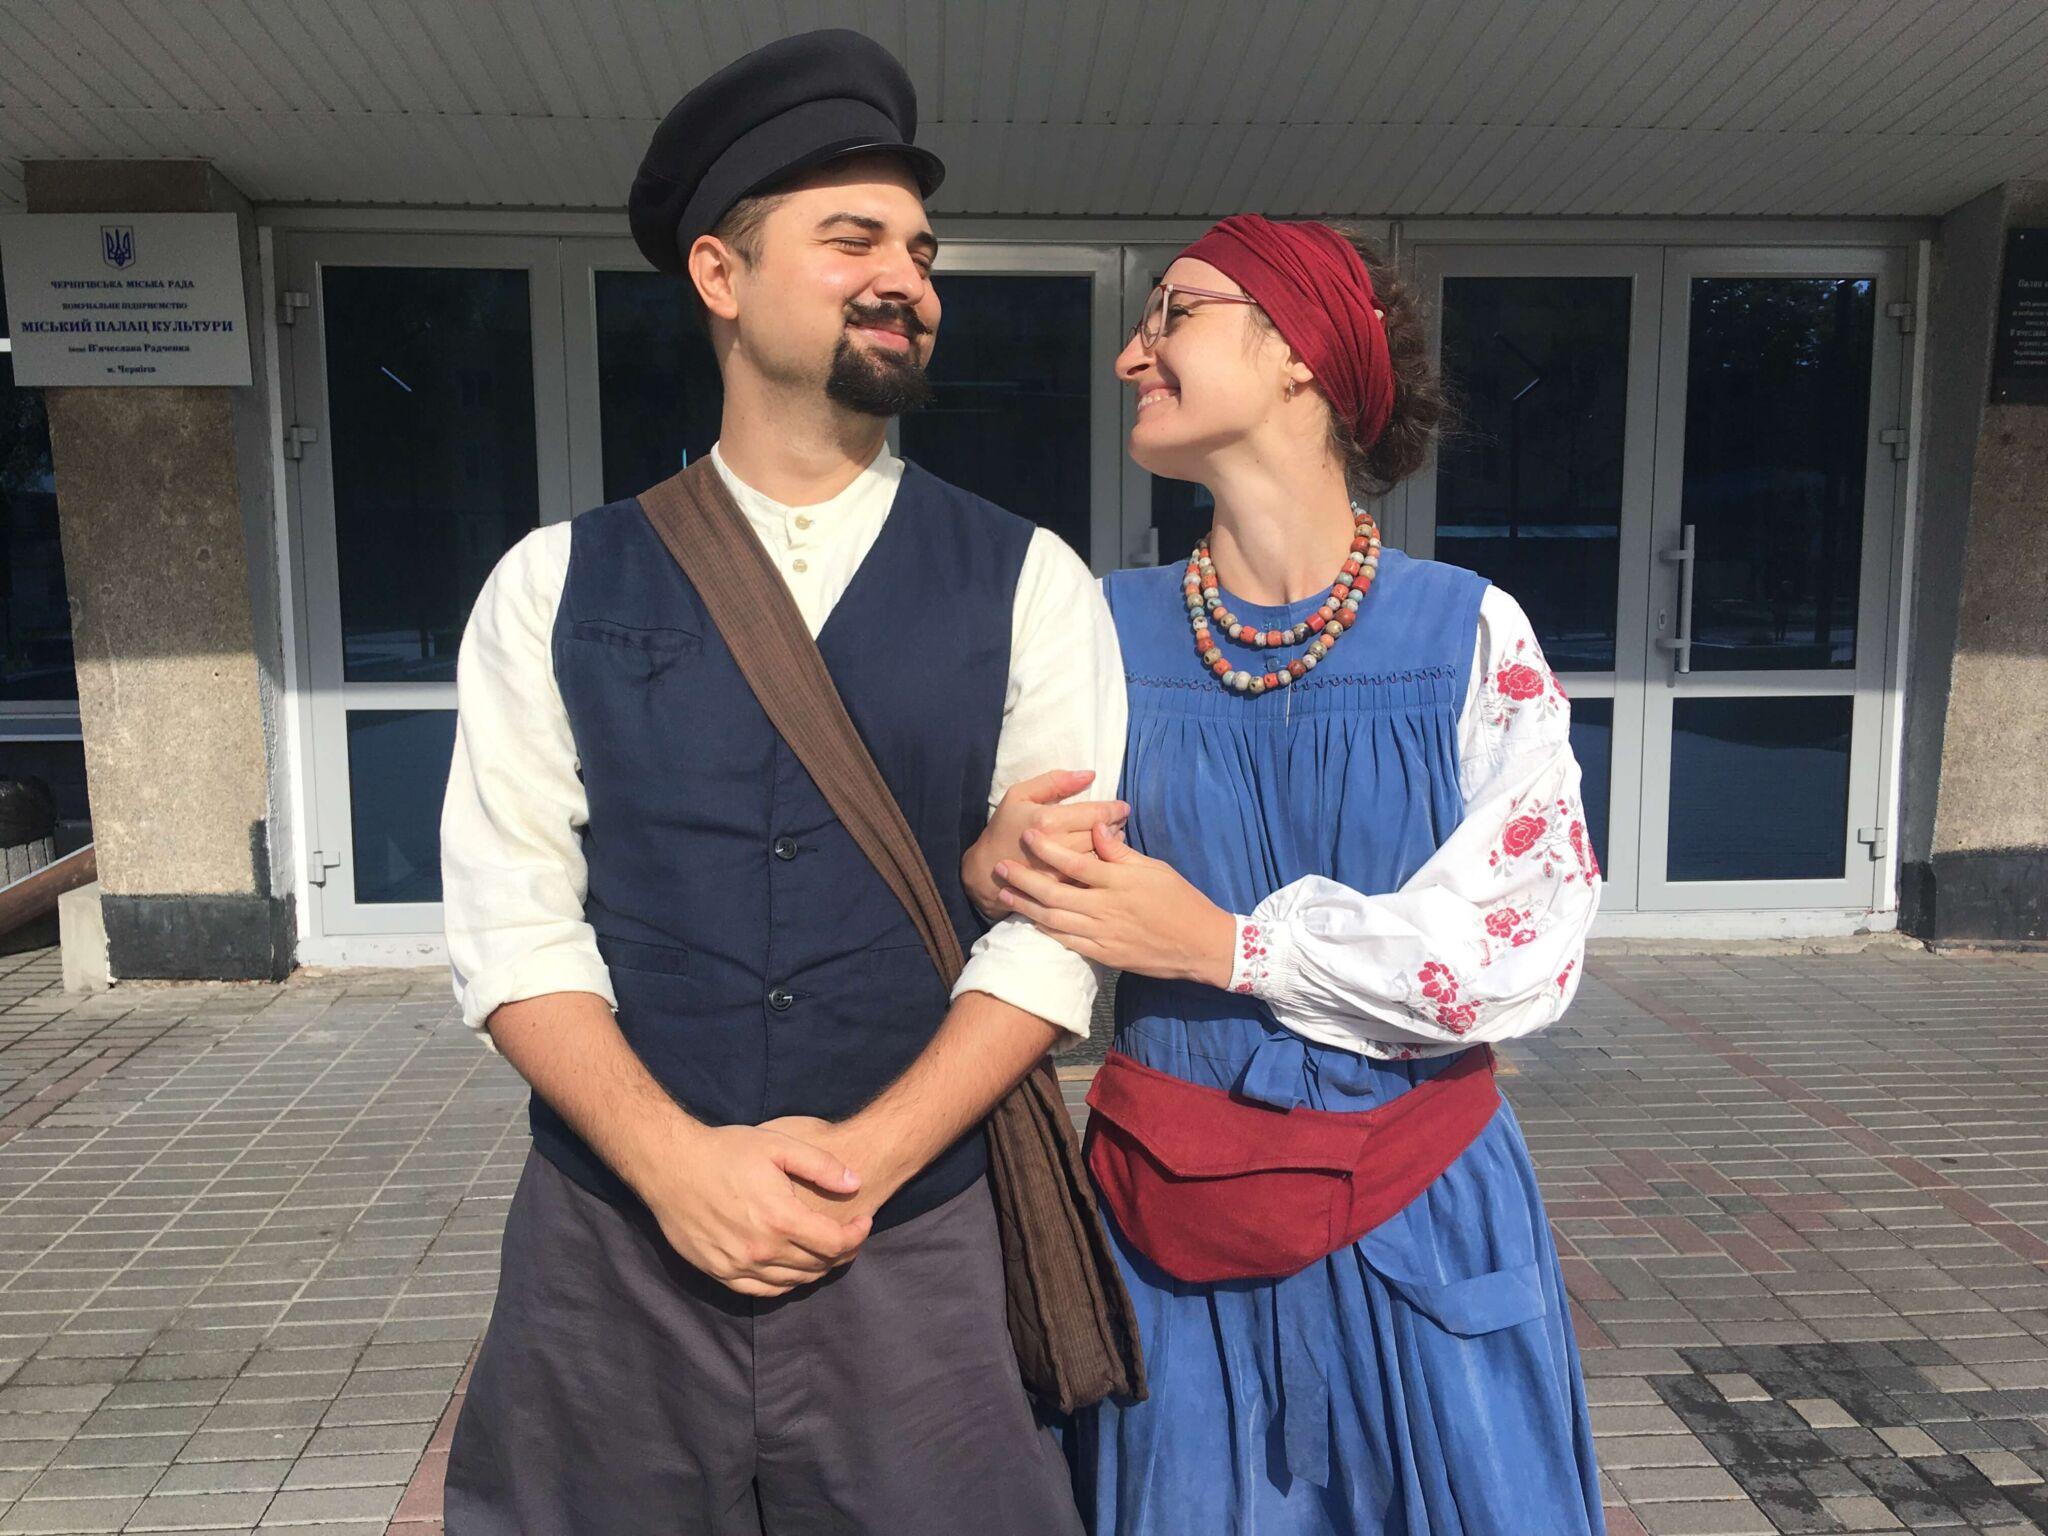 Весілля-2020: у МПК пара з Києва одружувалася у старовинному строї